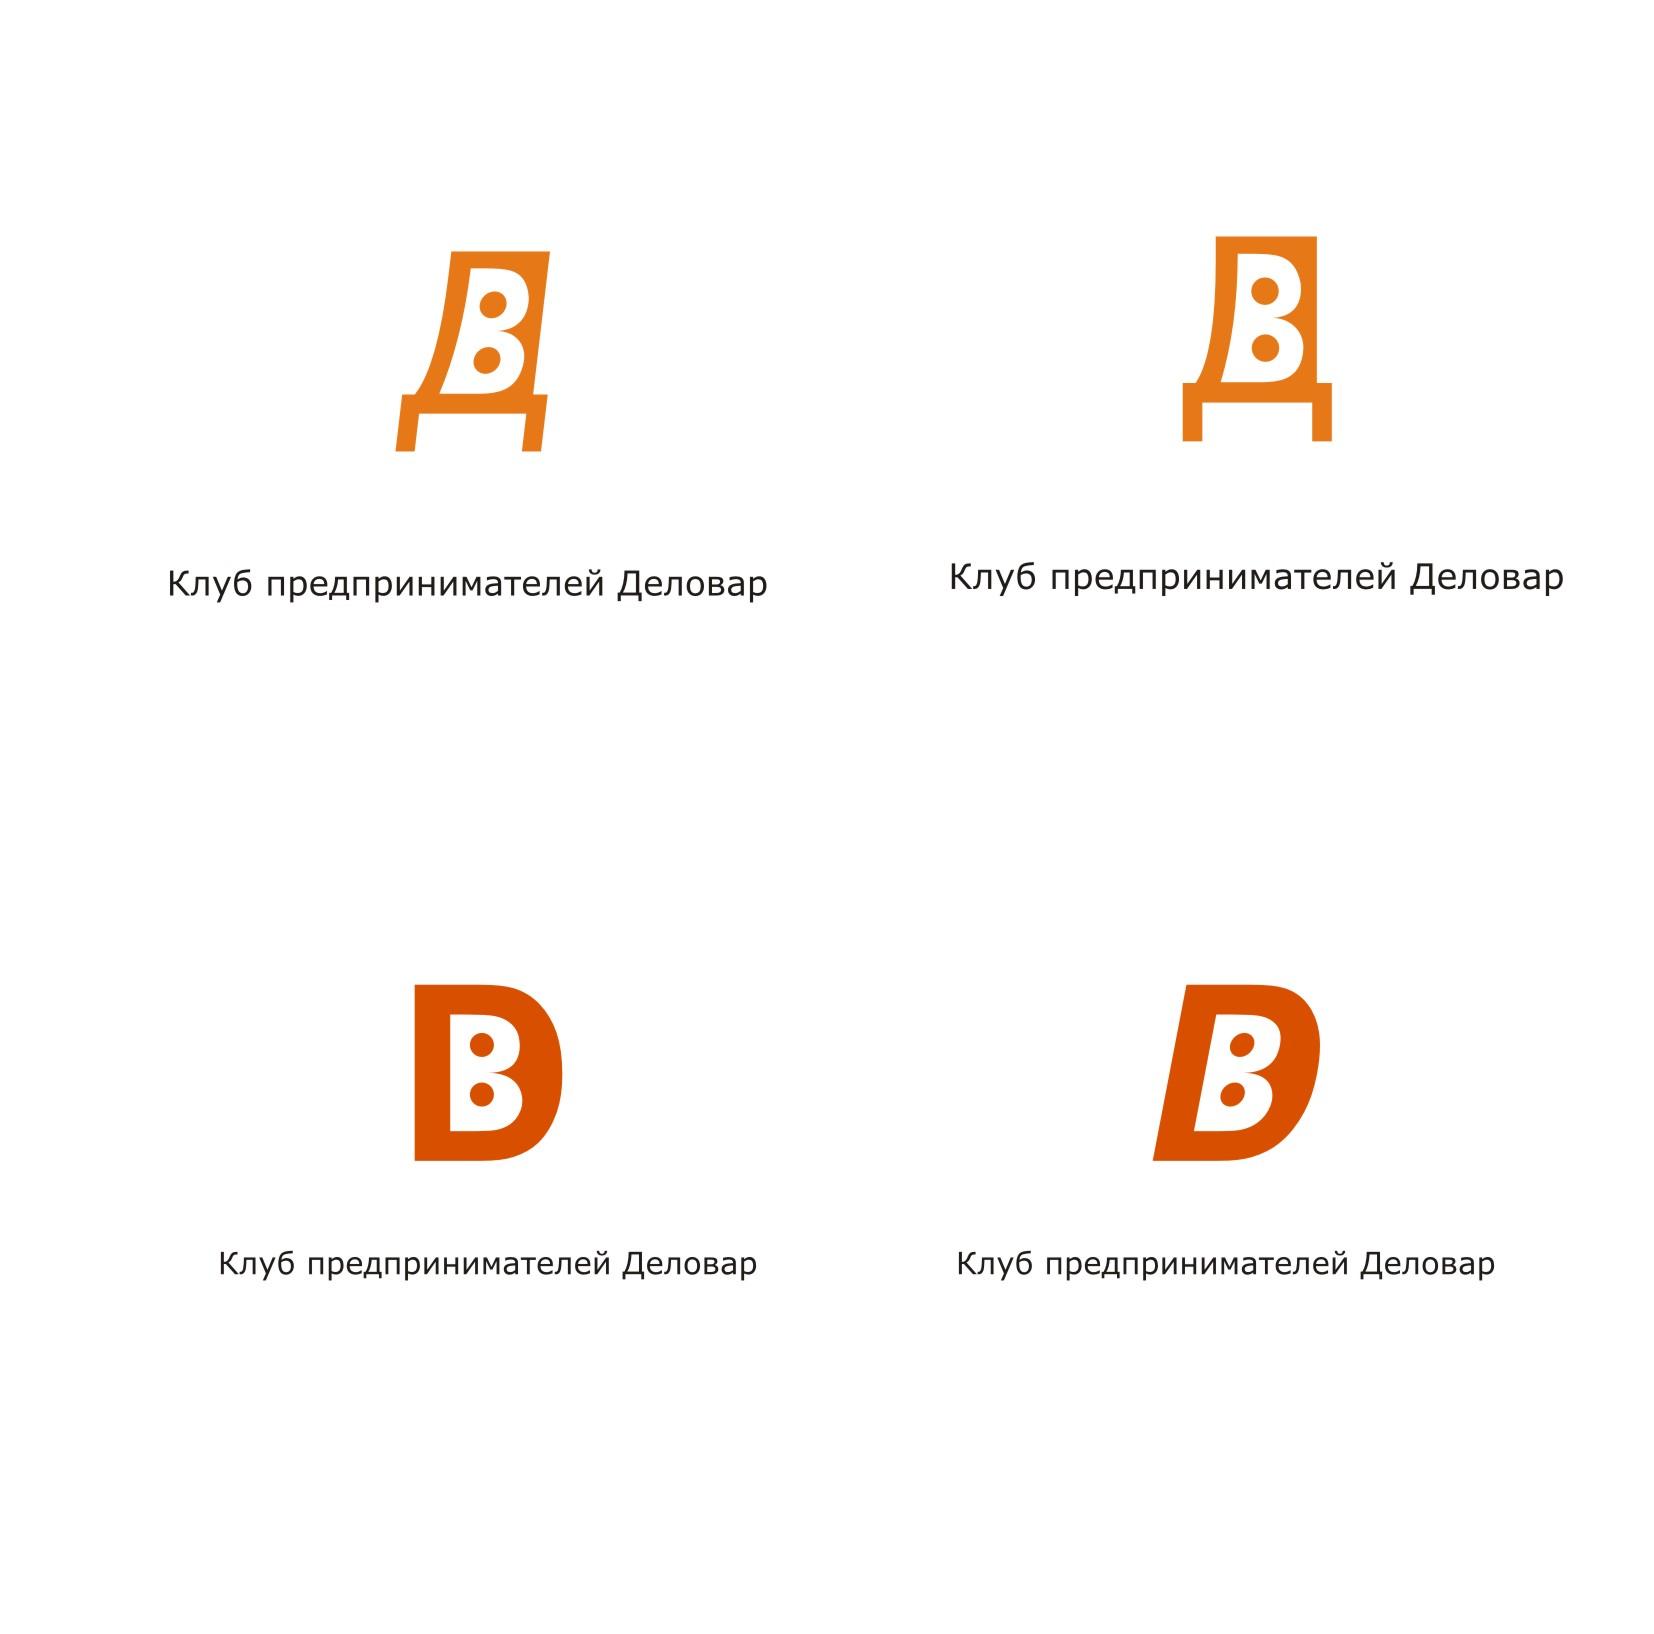 """Логотип и фирм. стиль для Клуба предпринимателей """"Деловар"""" фото f_50489a72a87bf.jpg"""